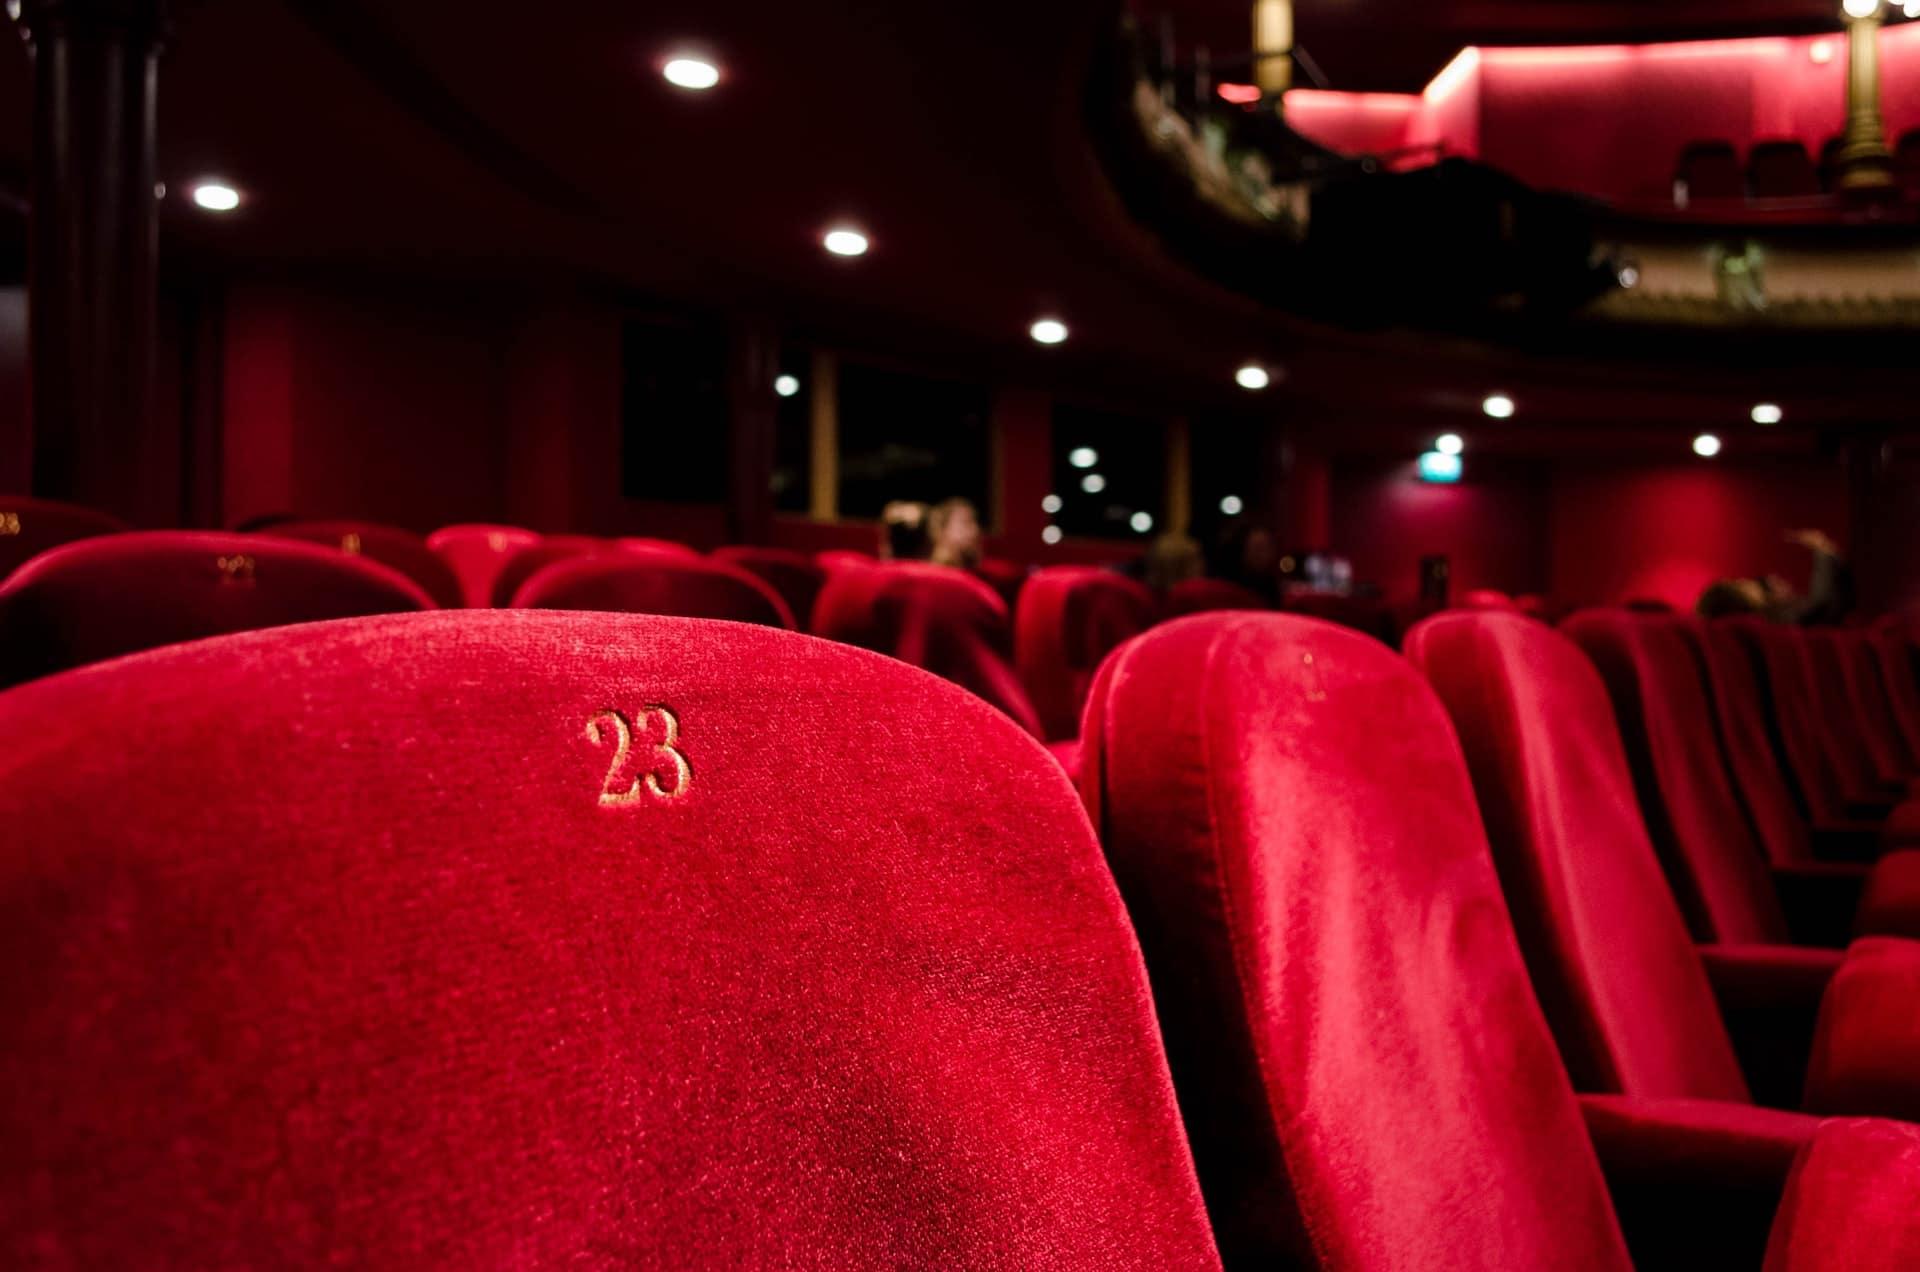 cinéma bon plan paris pas cher places film été